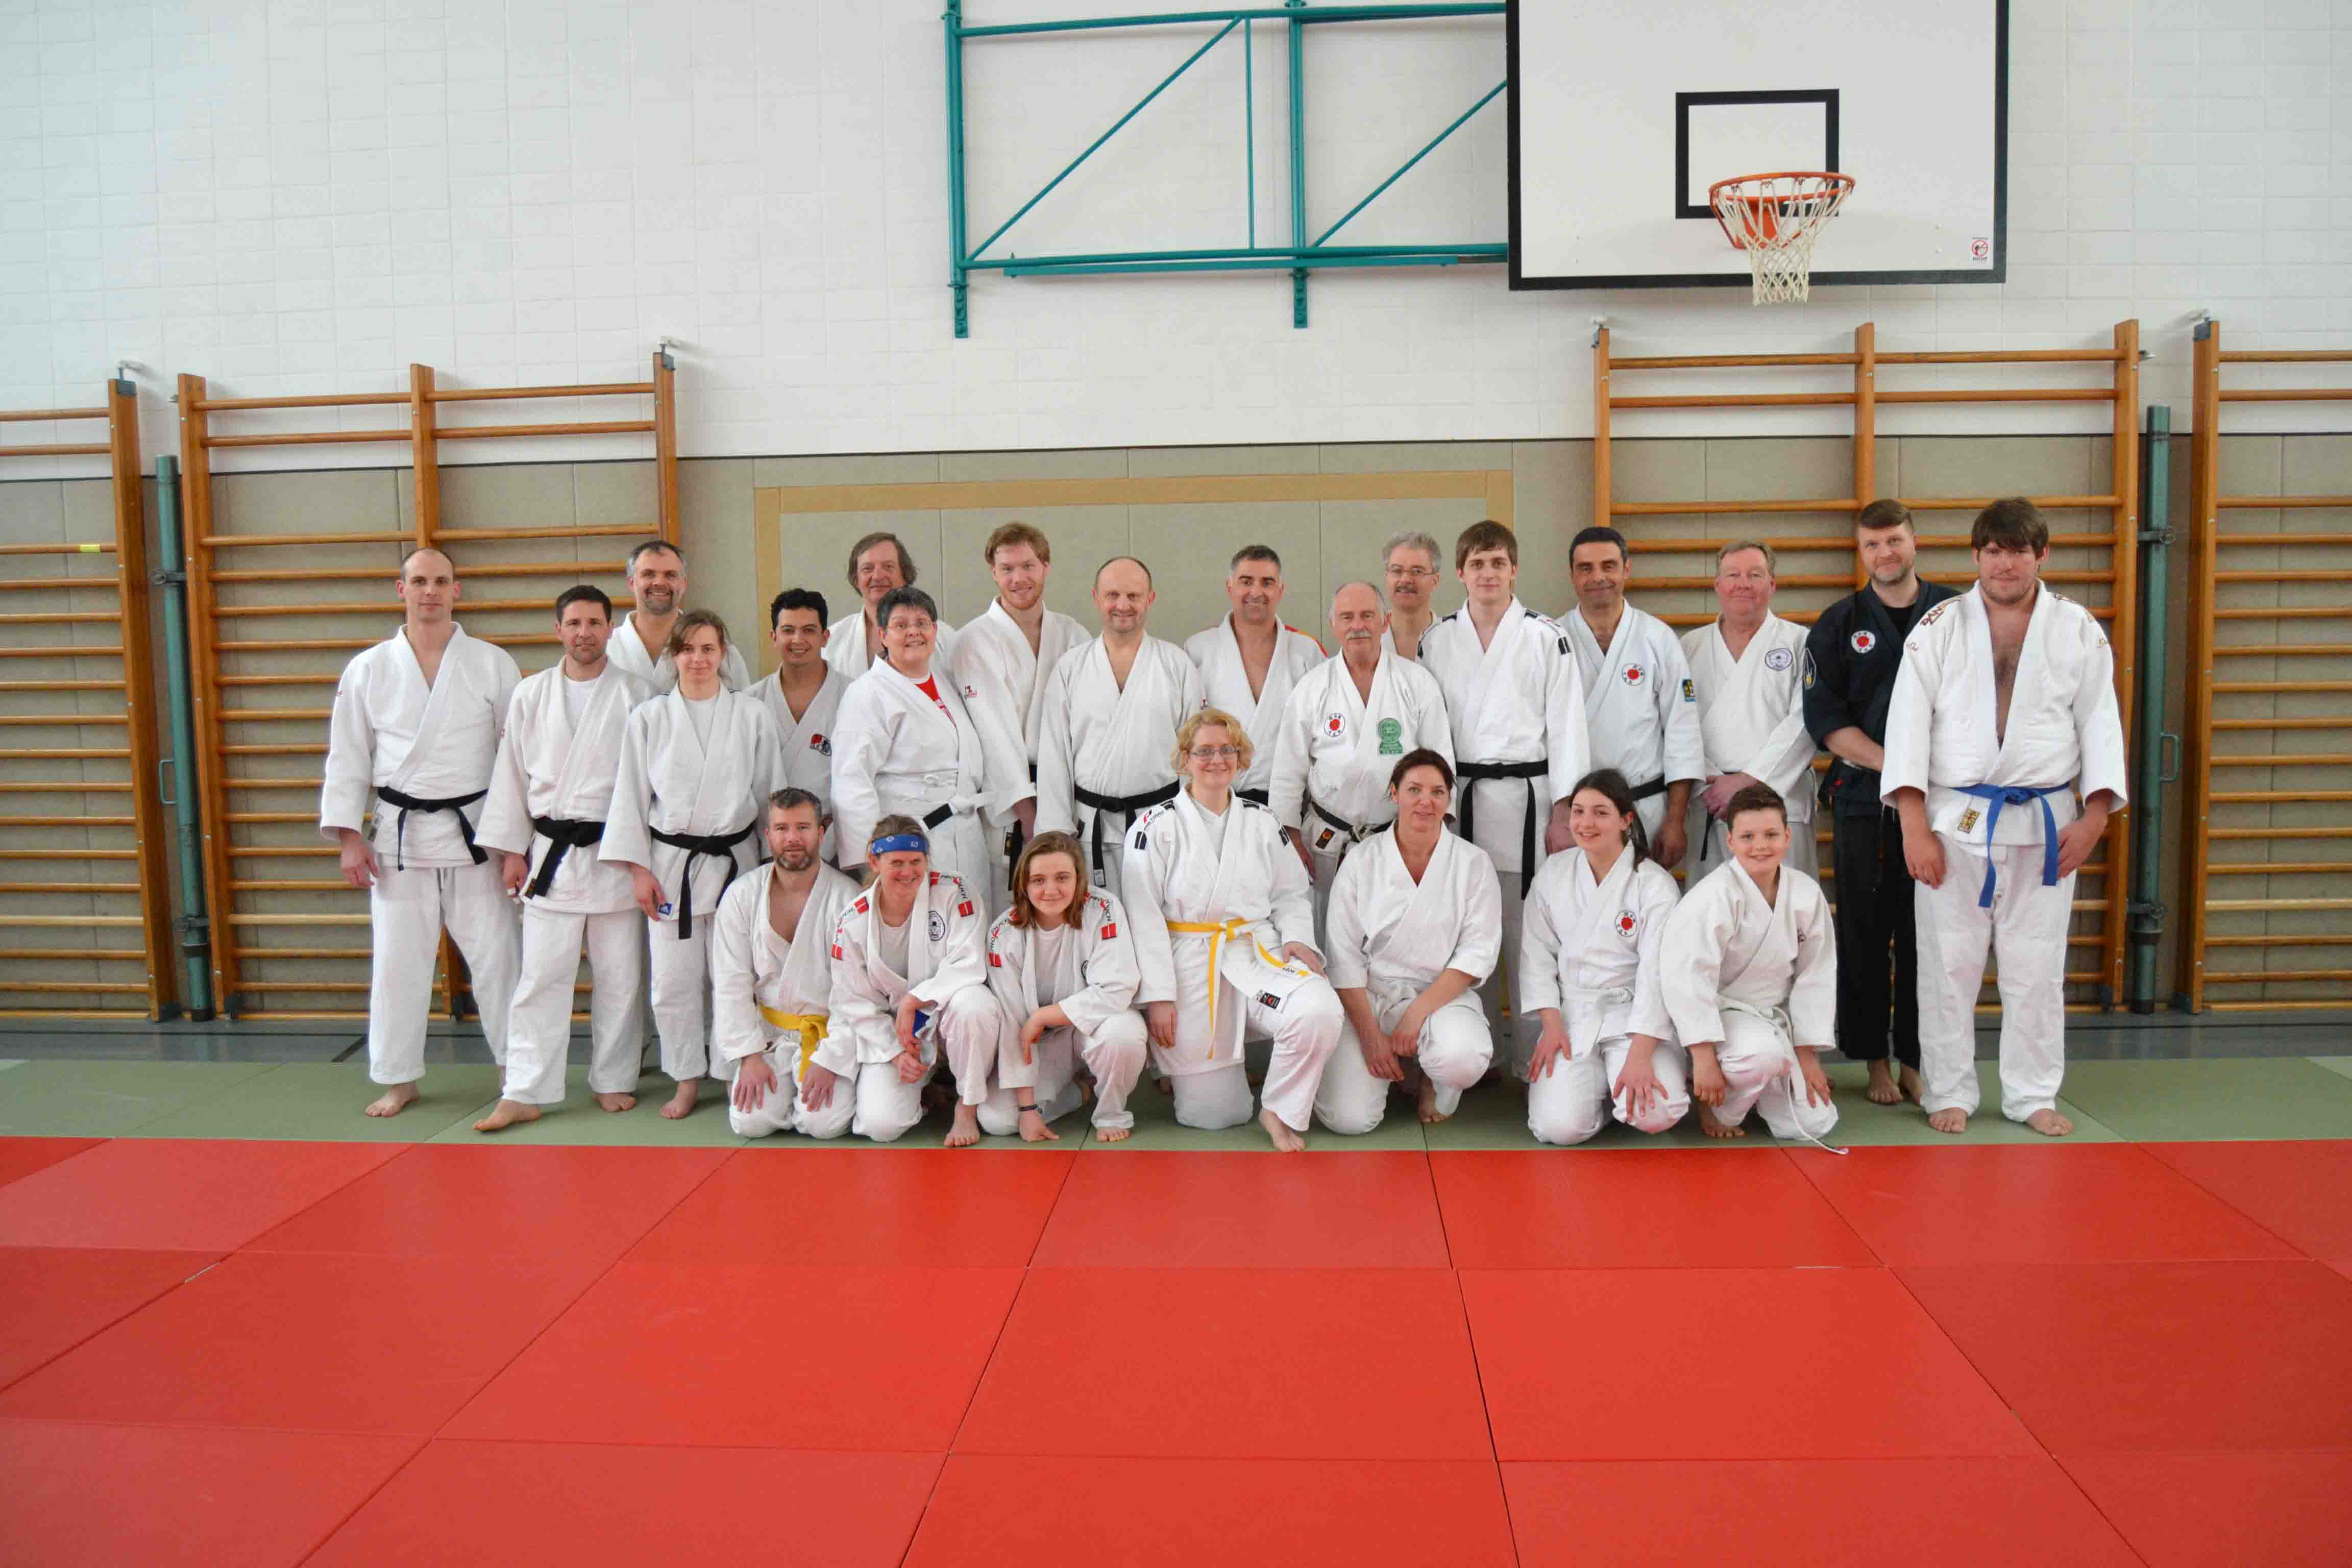 Lehrgang für Selbstverteidigung beim Judo Sportverein Lippstadt e.V.